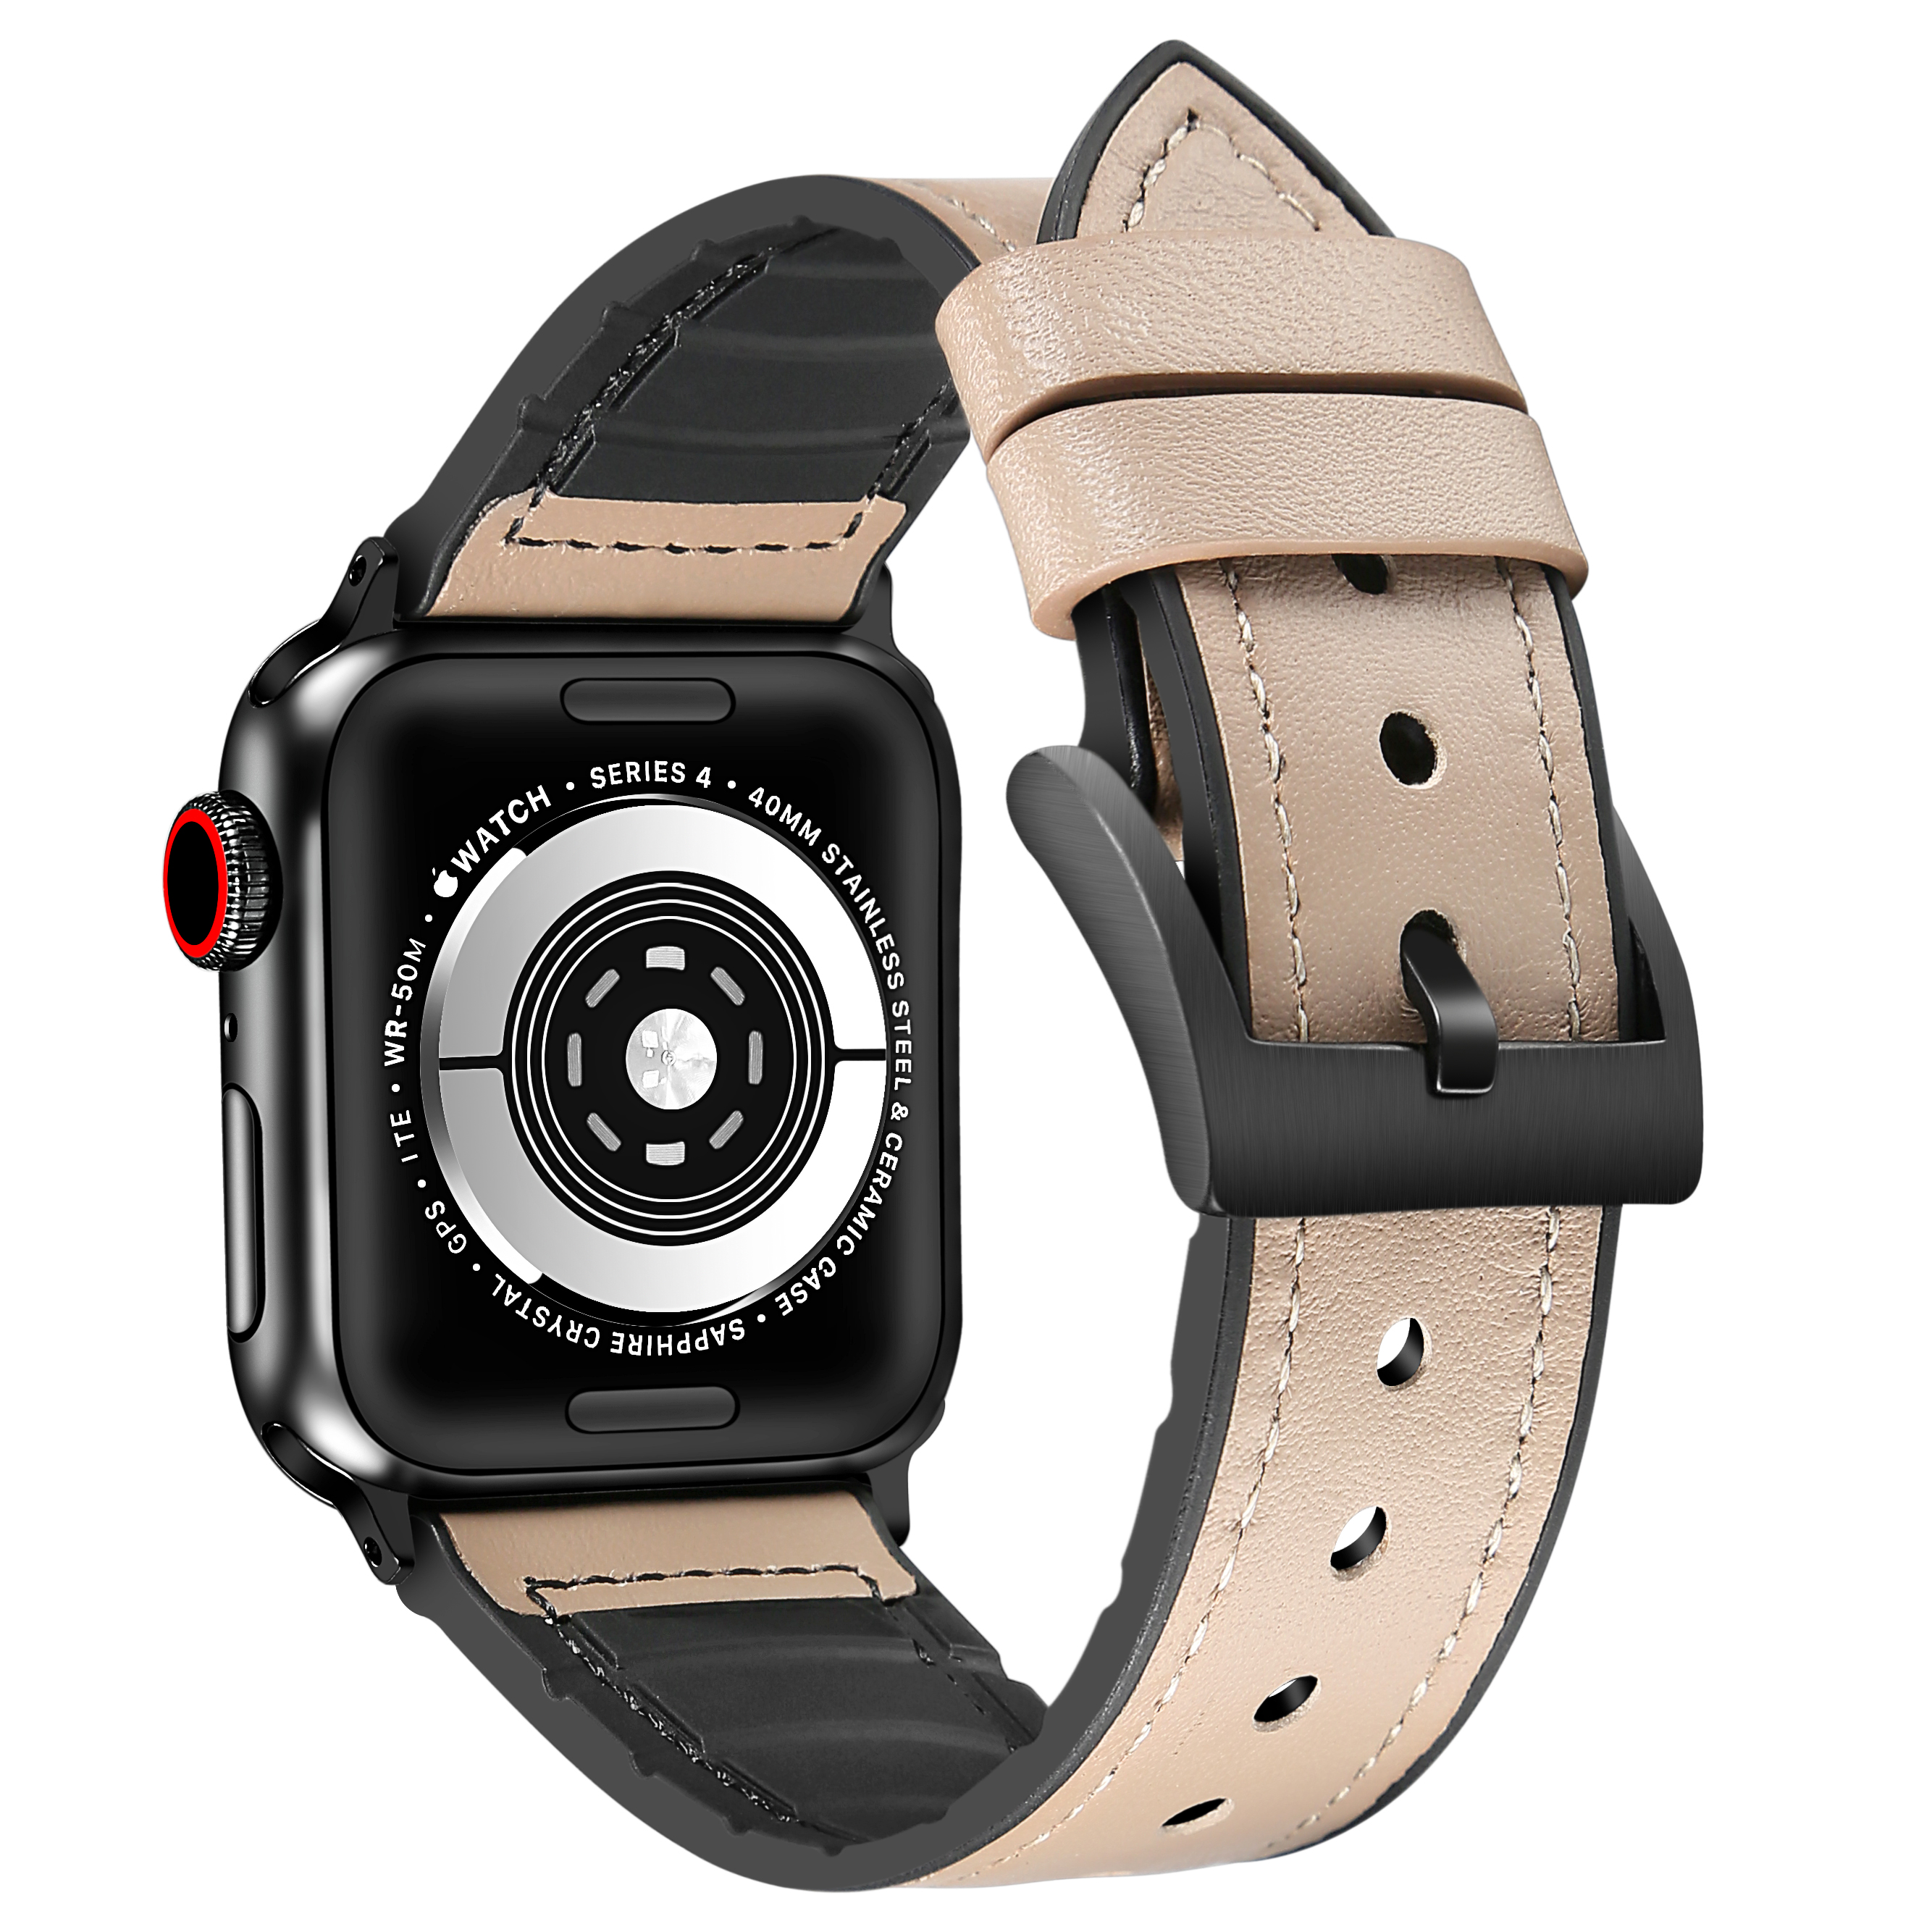 ♭ゅสายนาฬิกา 20mmสายนาฬิกาหนังสายนาฬิกาบังคับ Apple Watch หนังรุ่นที่ห้า applewatch series6/5สายหนัง iwatch3/4SE